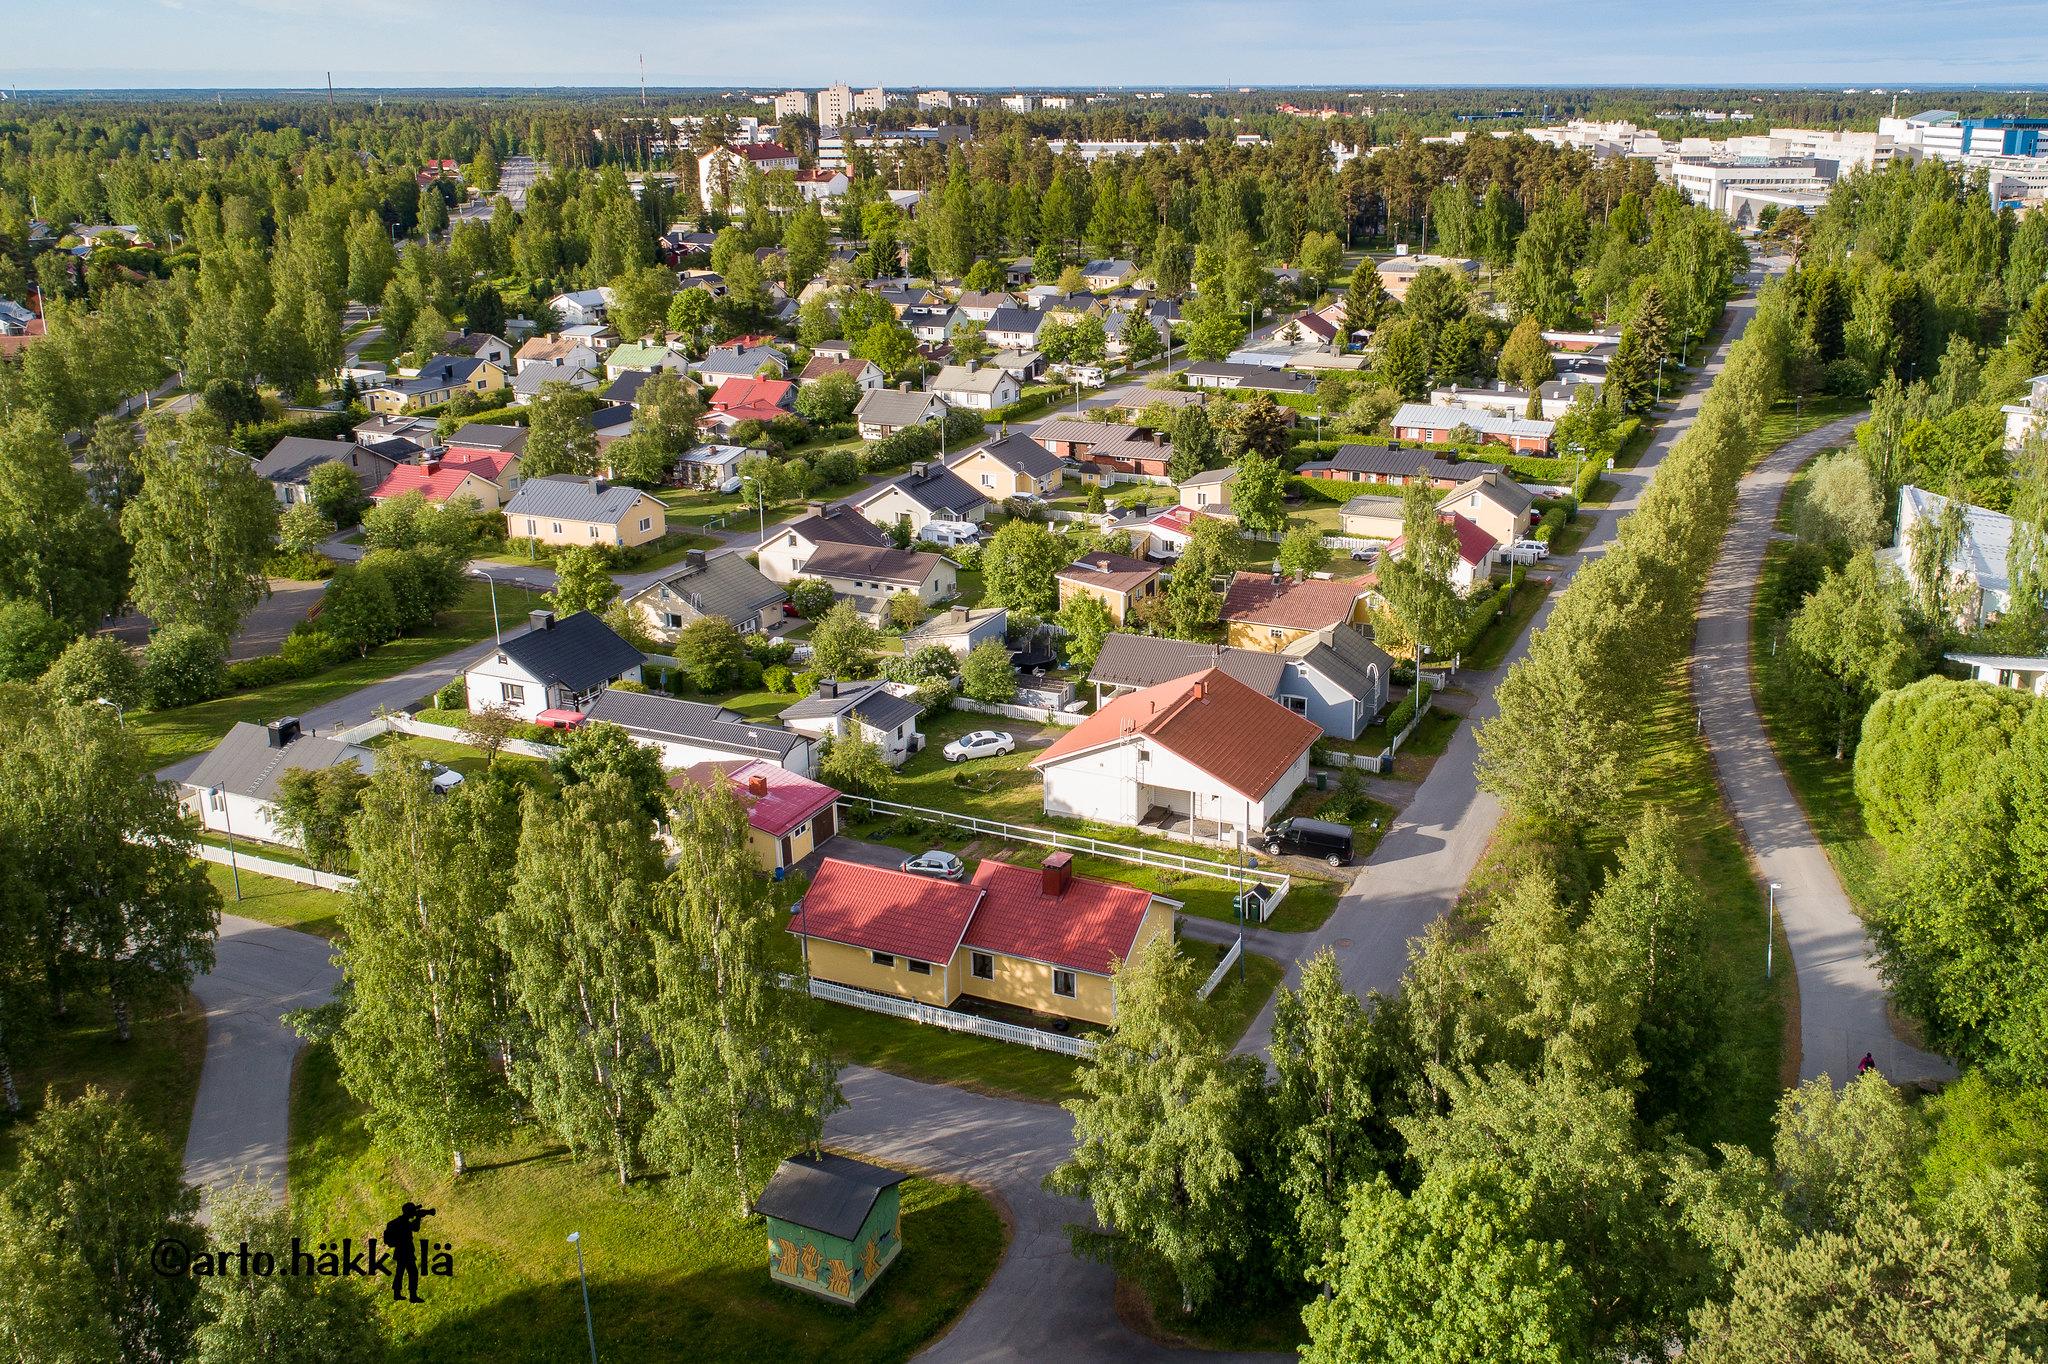 Finland Oulu Peltola